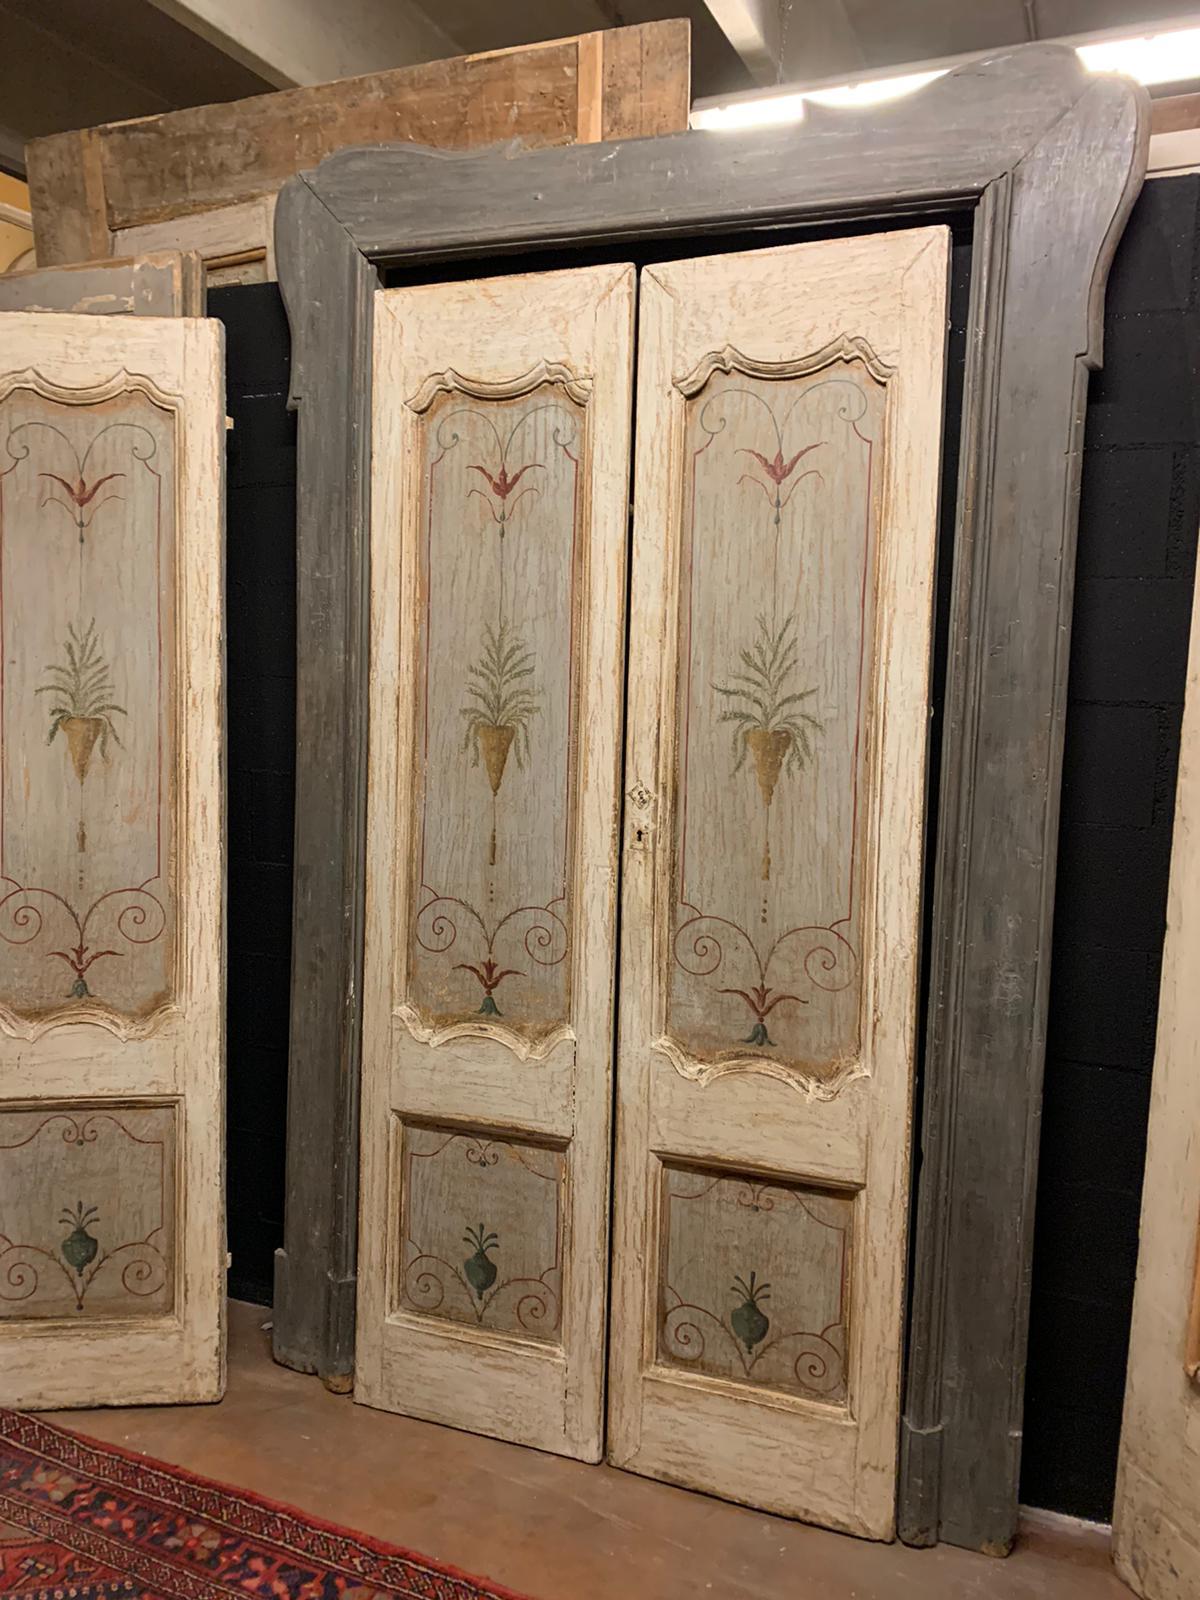 pts736 - n. 3 porte laccate con pannelli dipinti, complete di telaio, epoca '700, porta in foto misura cm l 144 x h 242, luce cm l 102 x h 217